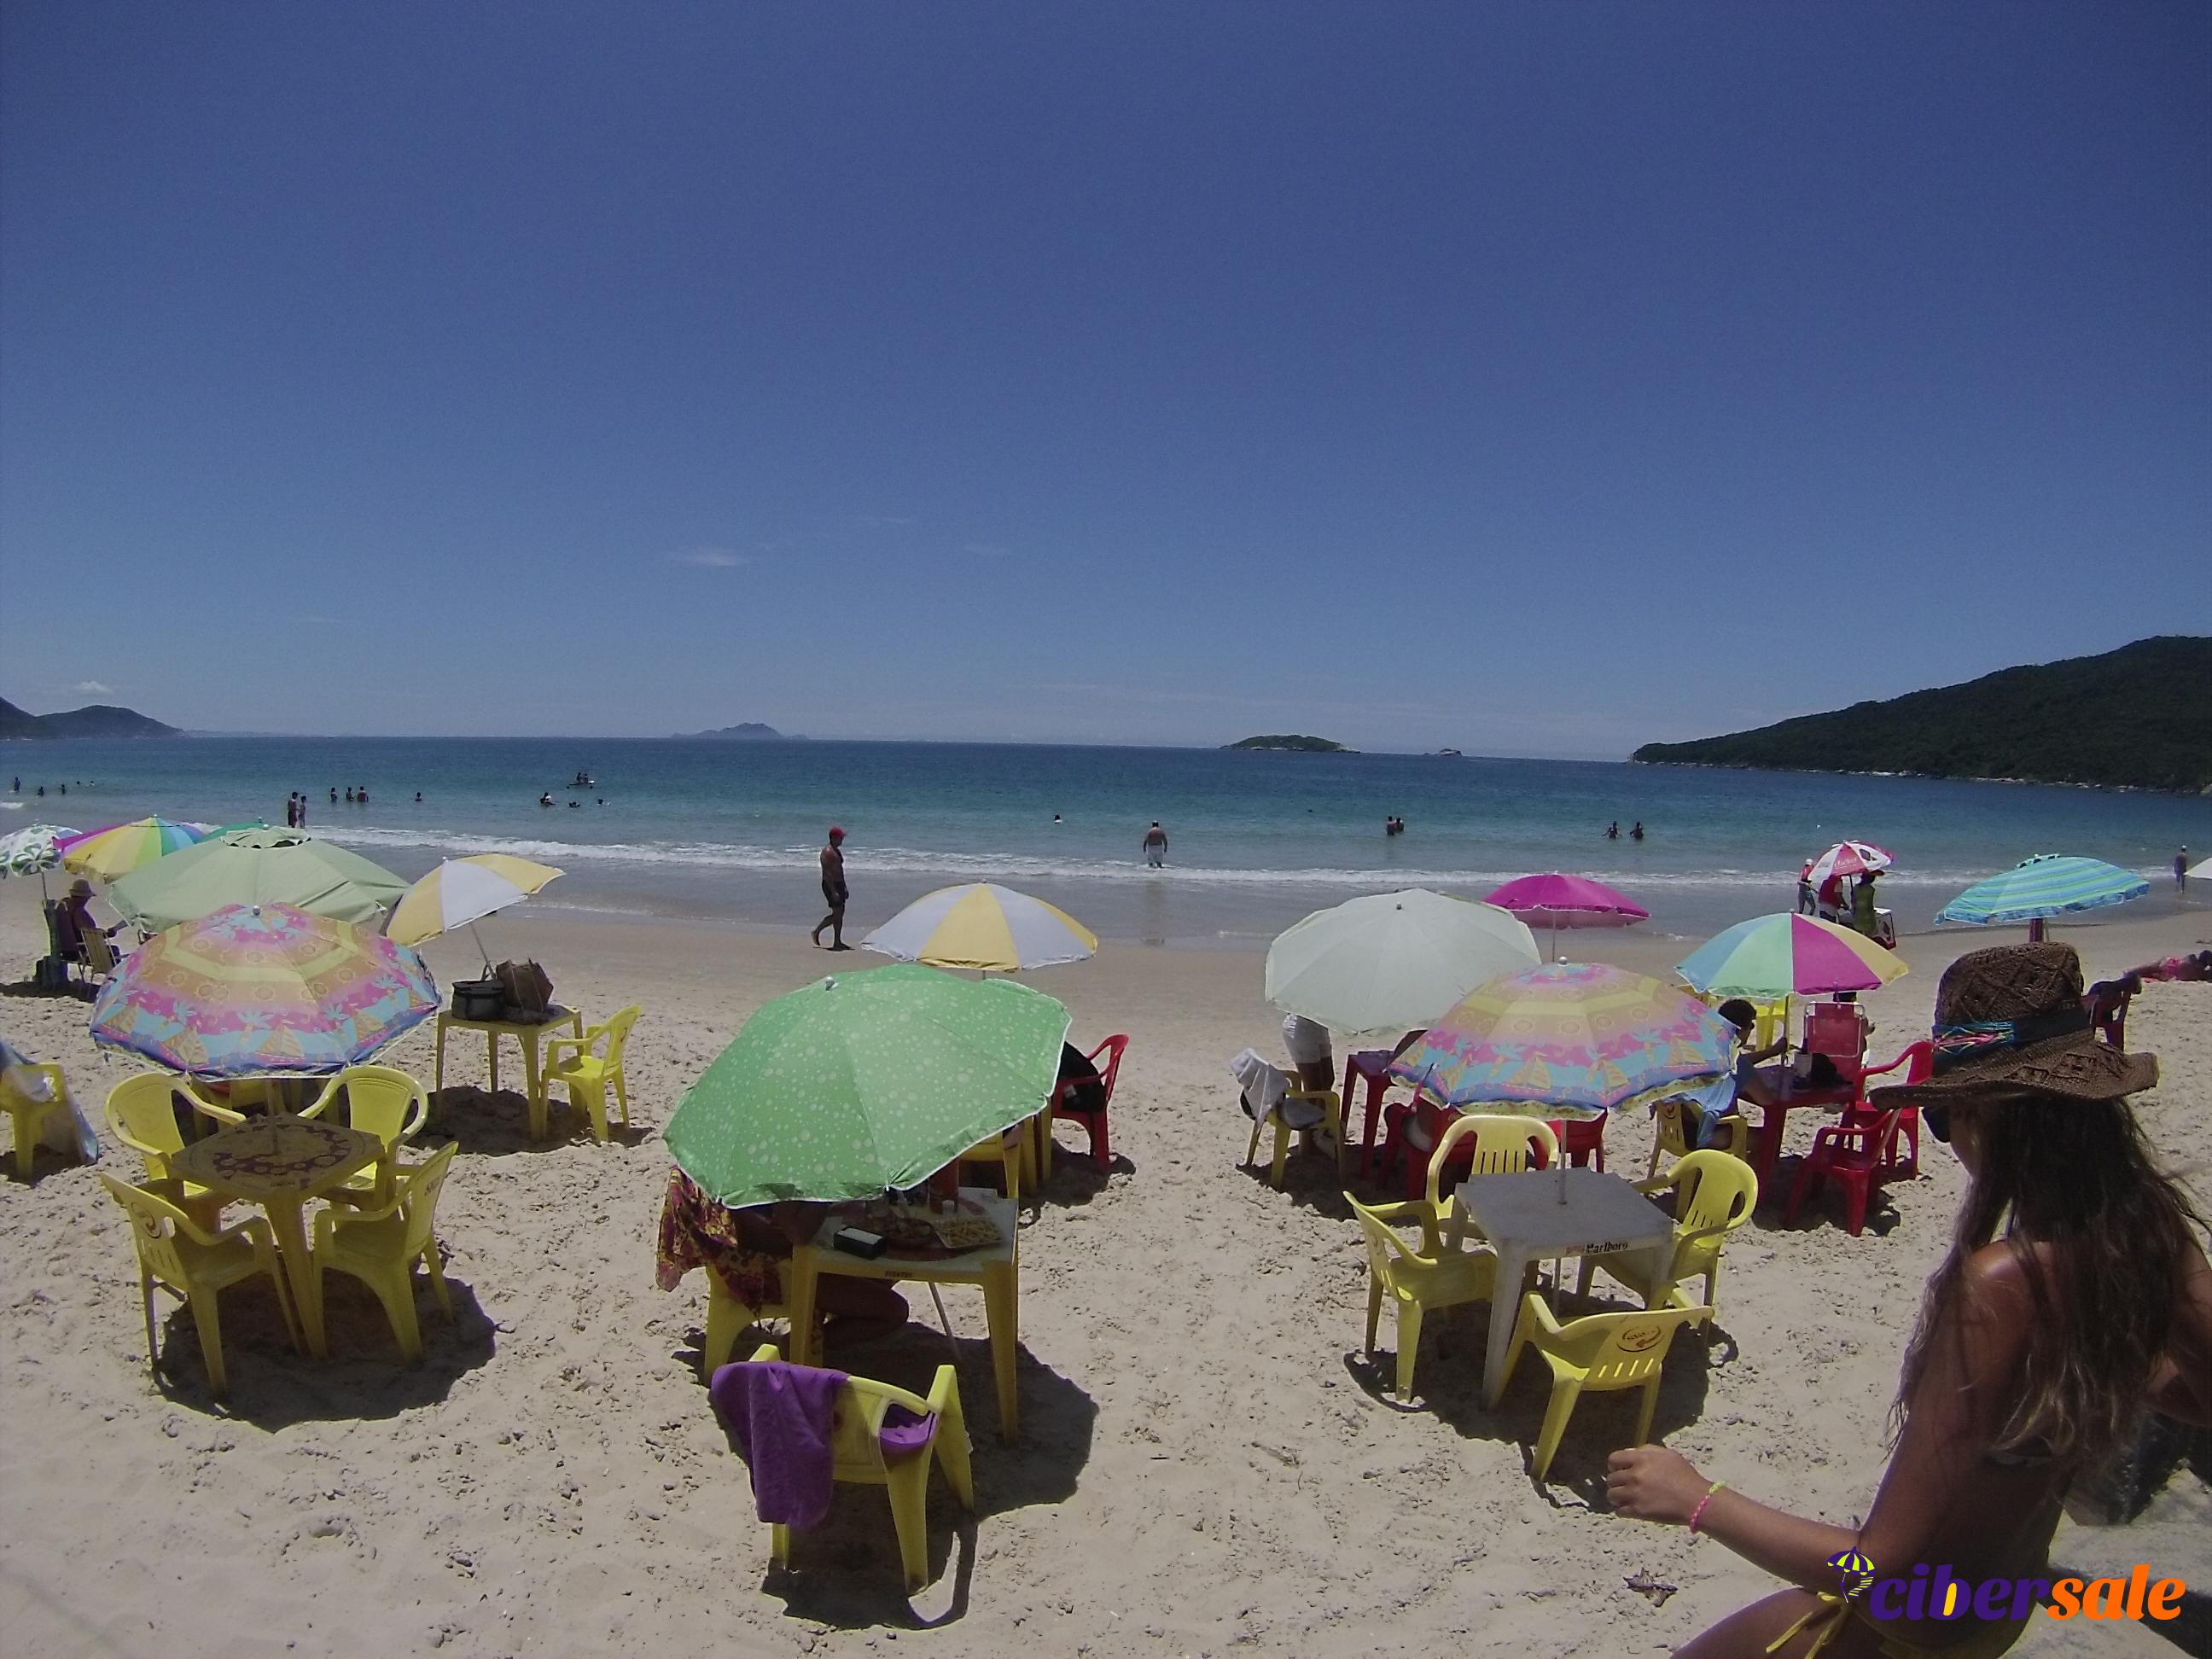 Verano en playa de los Ingleses al norte de la isla de Florianópolis